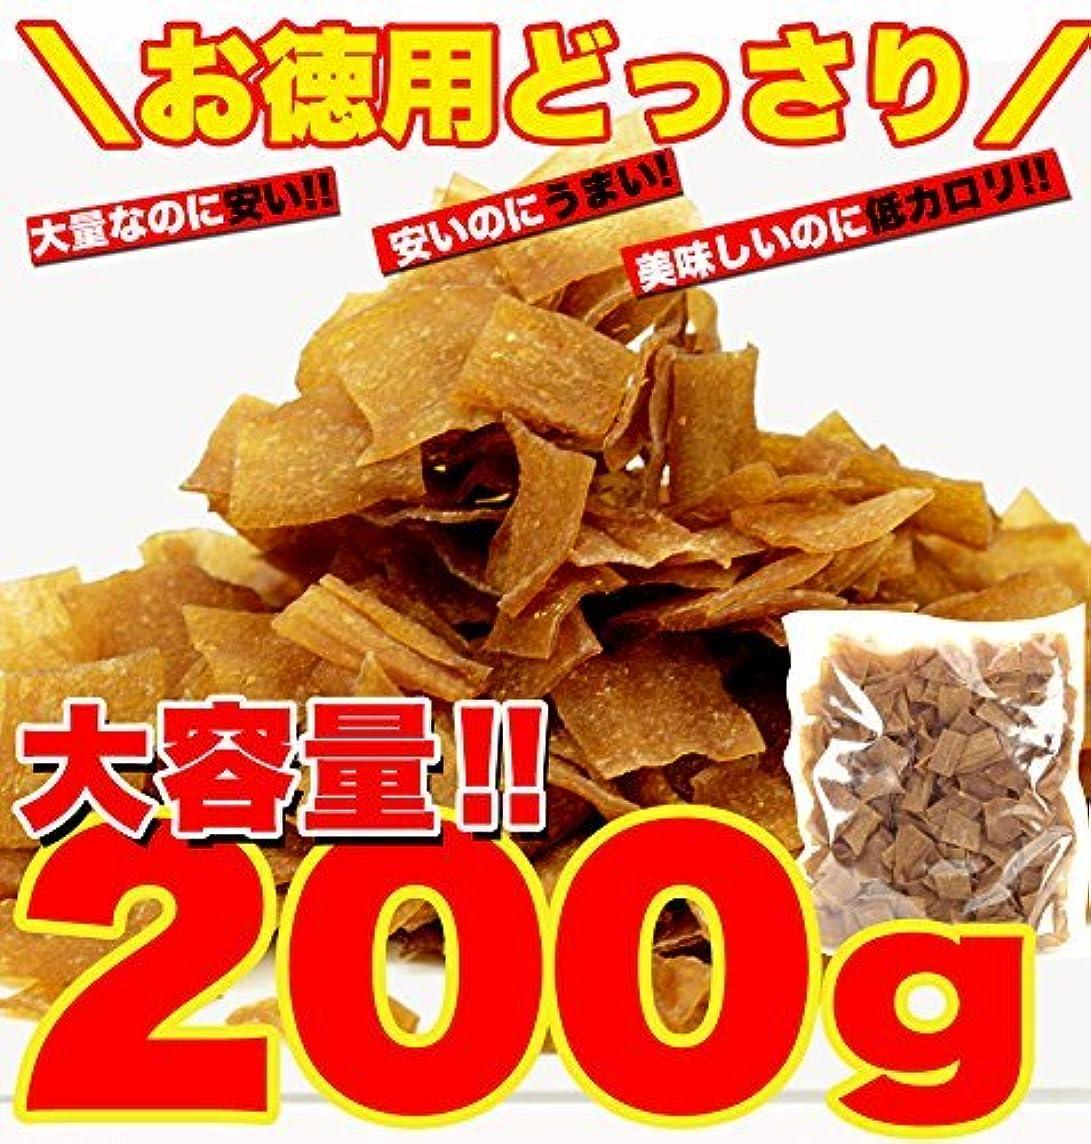 歯切り離すチャップ国産こんにゃく使用!!群馬県下仁田のこんにゃくの名店が作るこだわりの「こんにゃくチップ」です!  お徳用☆ダイエットこんにゃくチップ200g